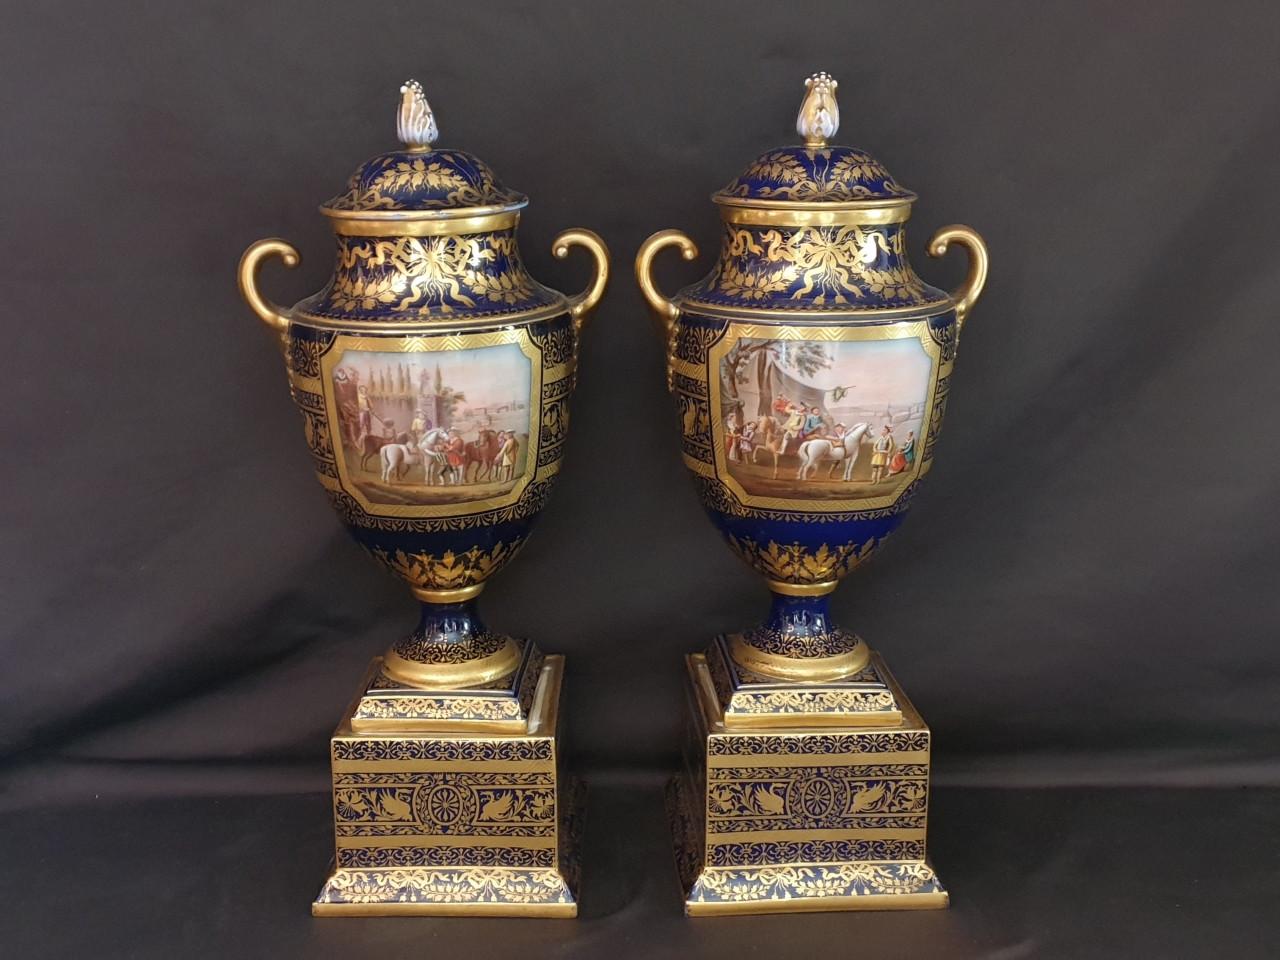 Vasi in porcellana Vienna, Napoleone III - Antichità Ioviero